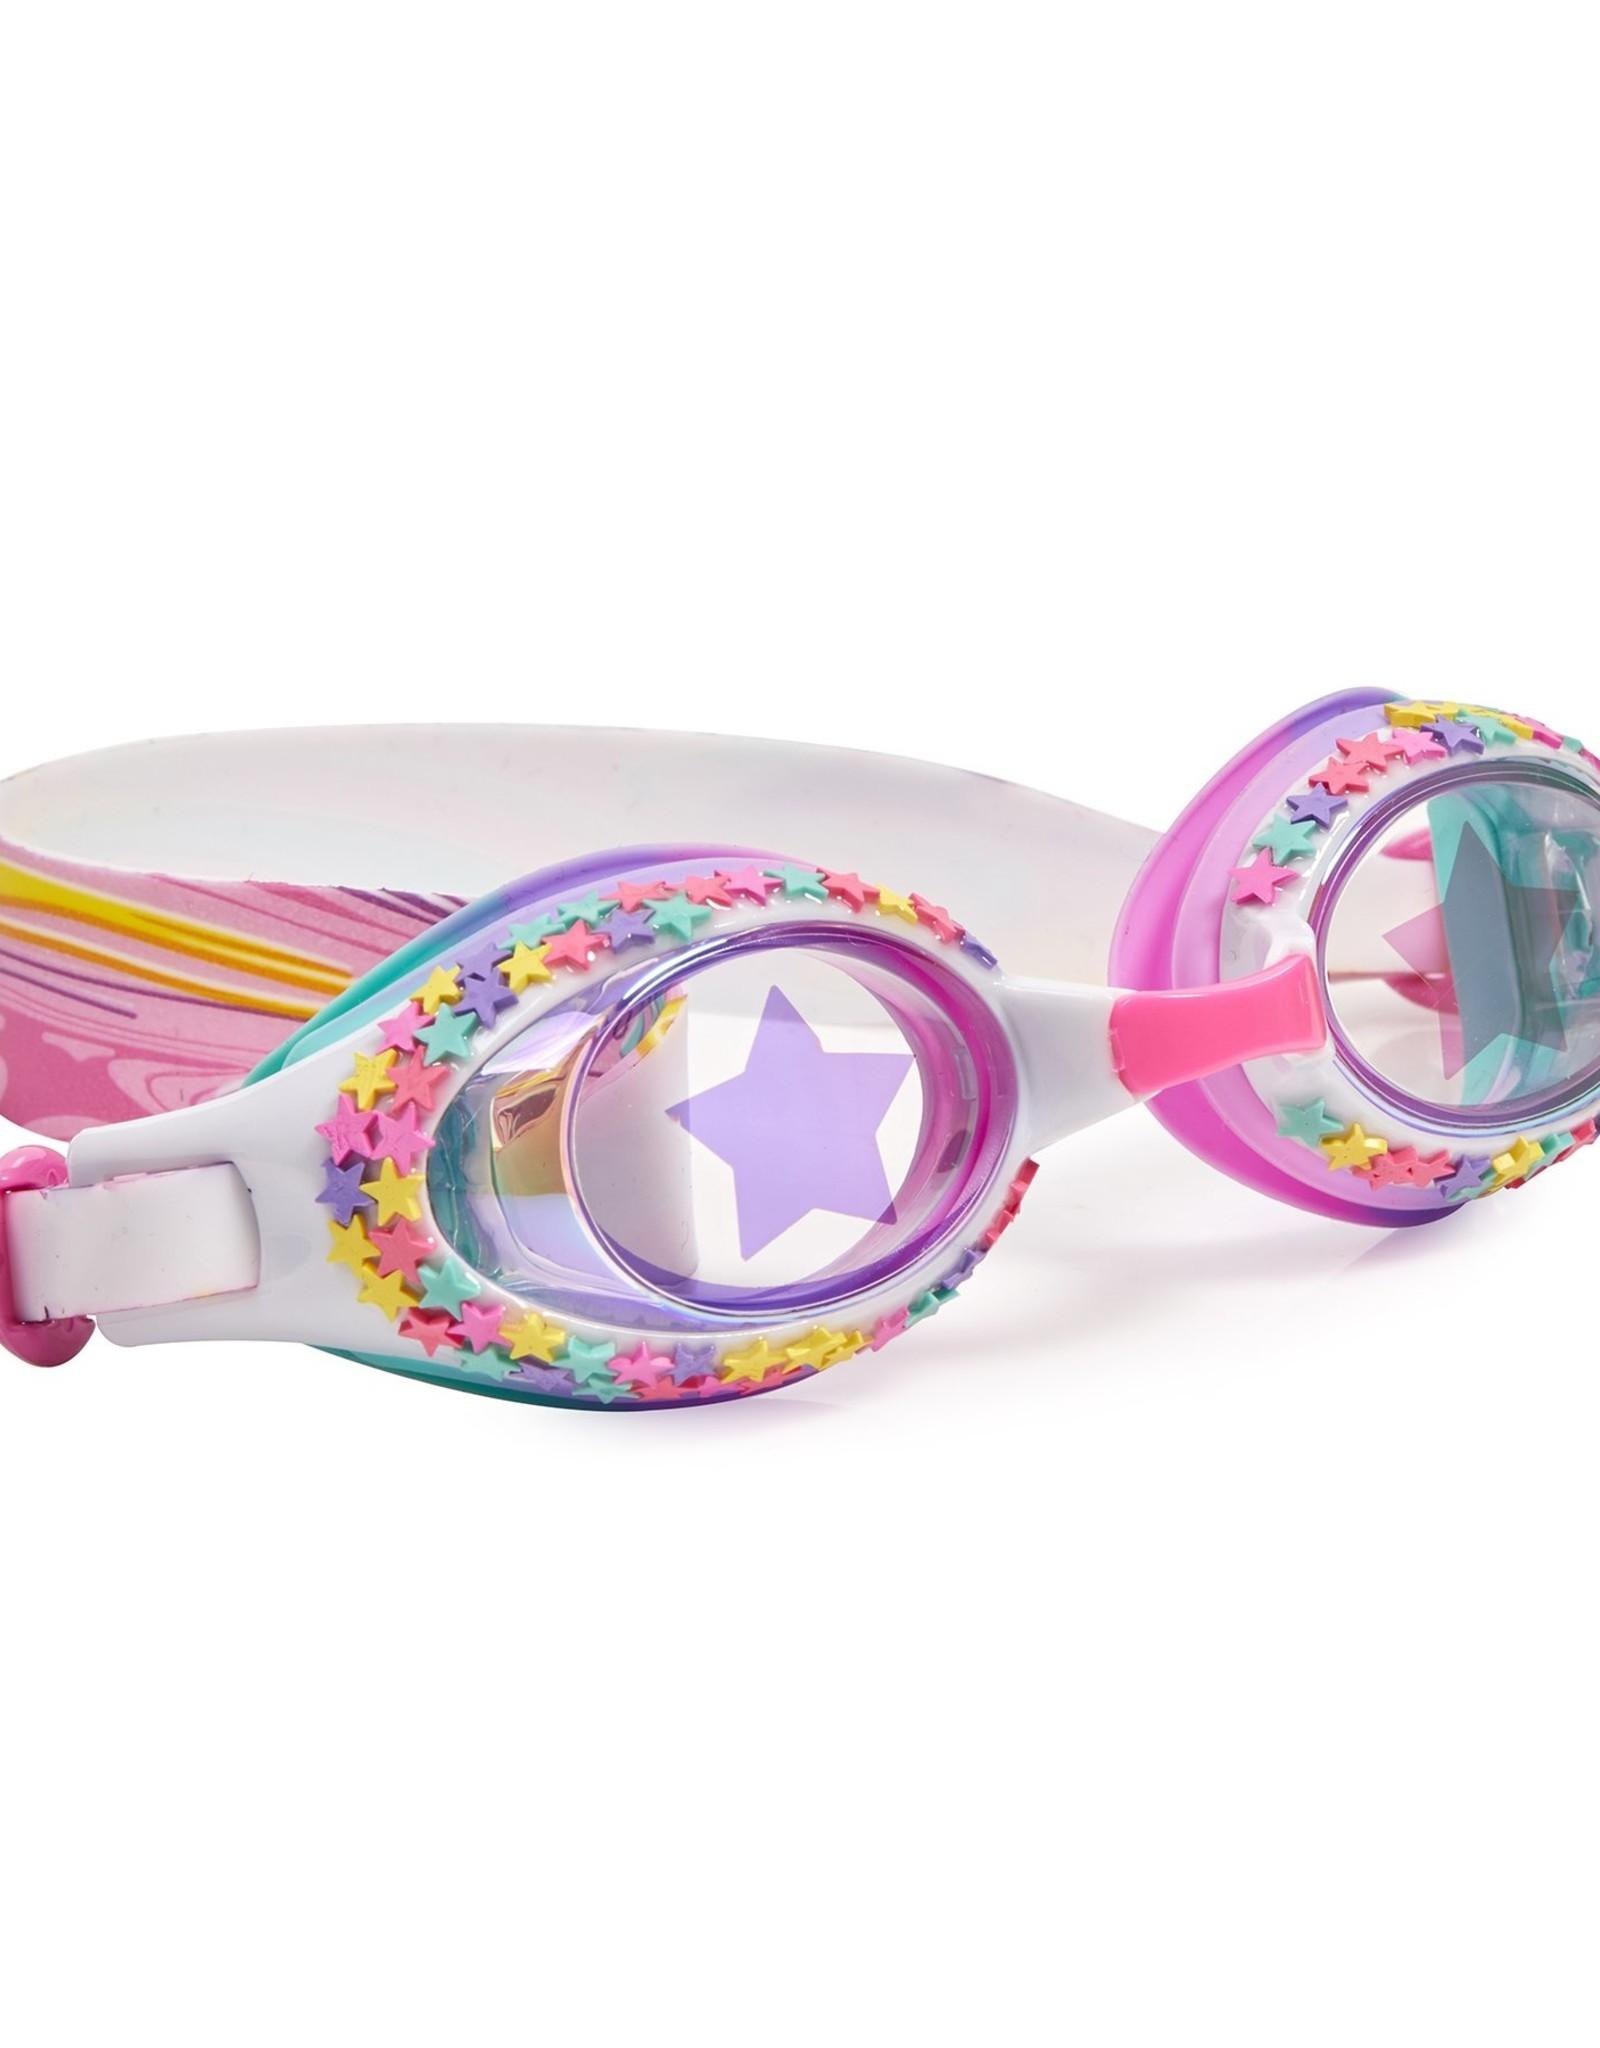 Bling2O Bling20 Girls Fireworks Goggles